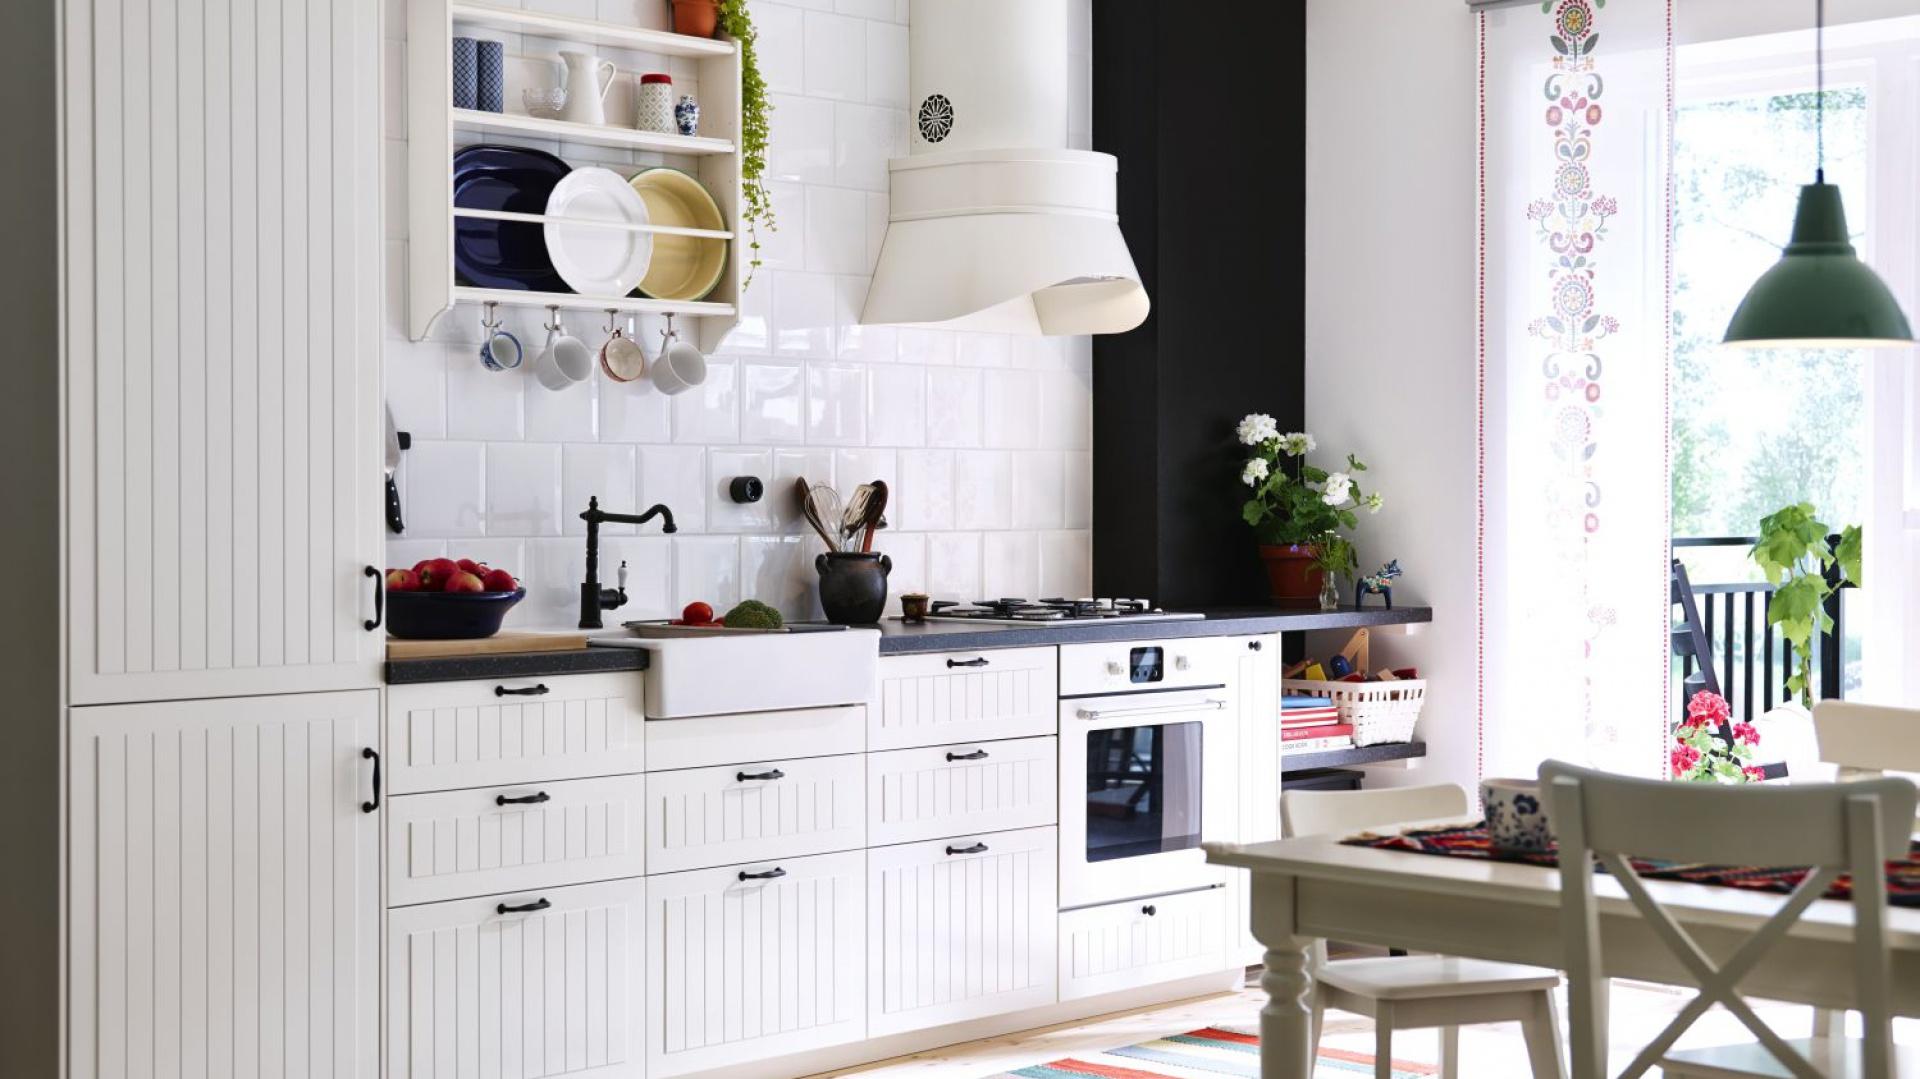 Ceramiczny zlewozmywak w kuchni